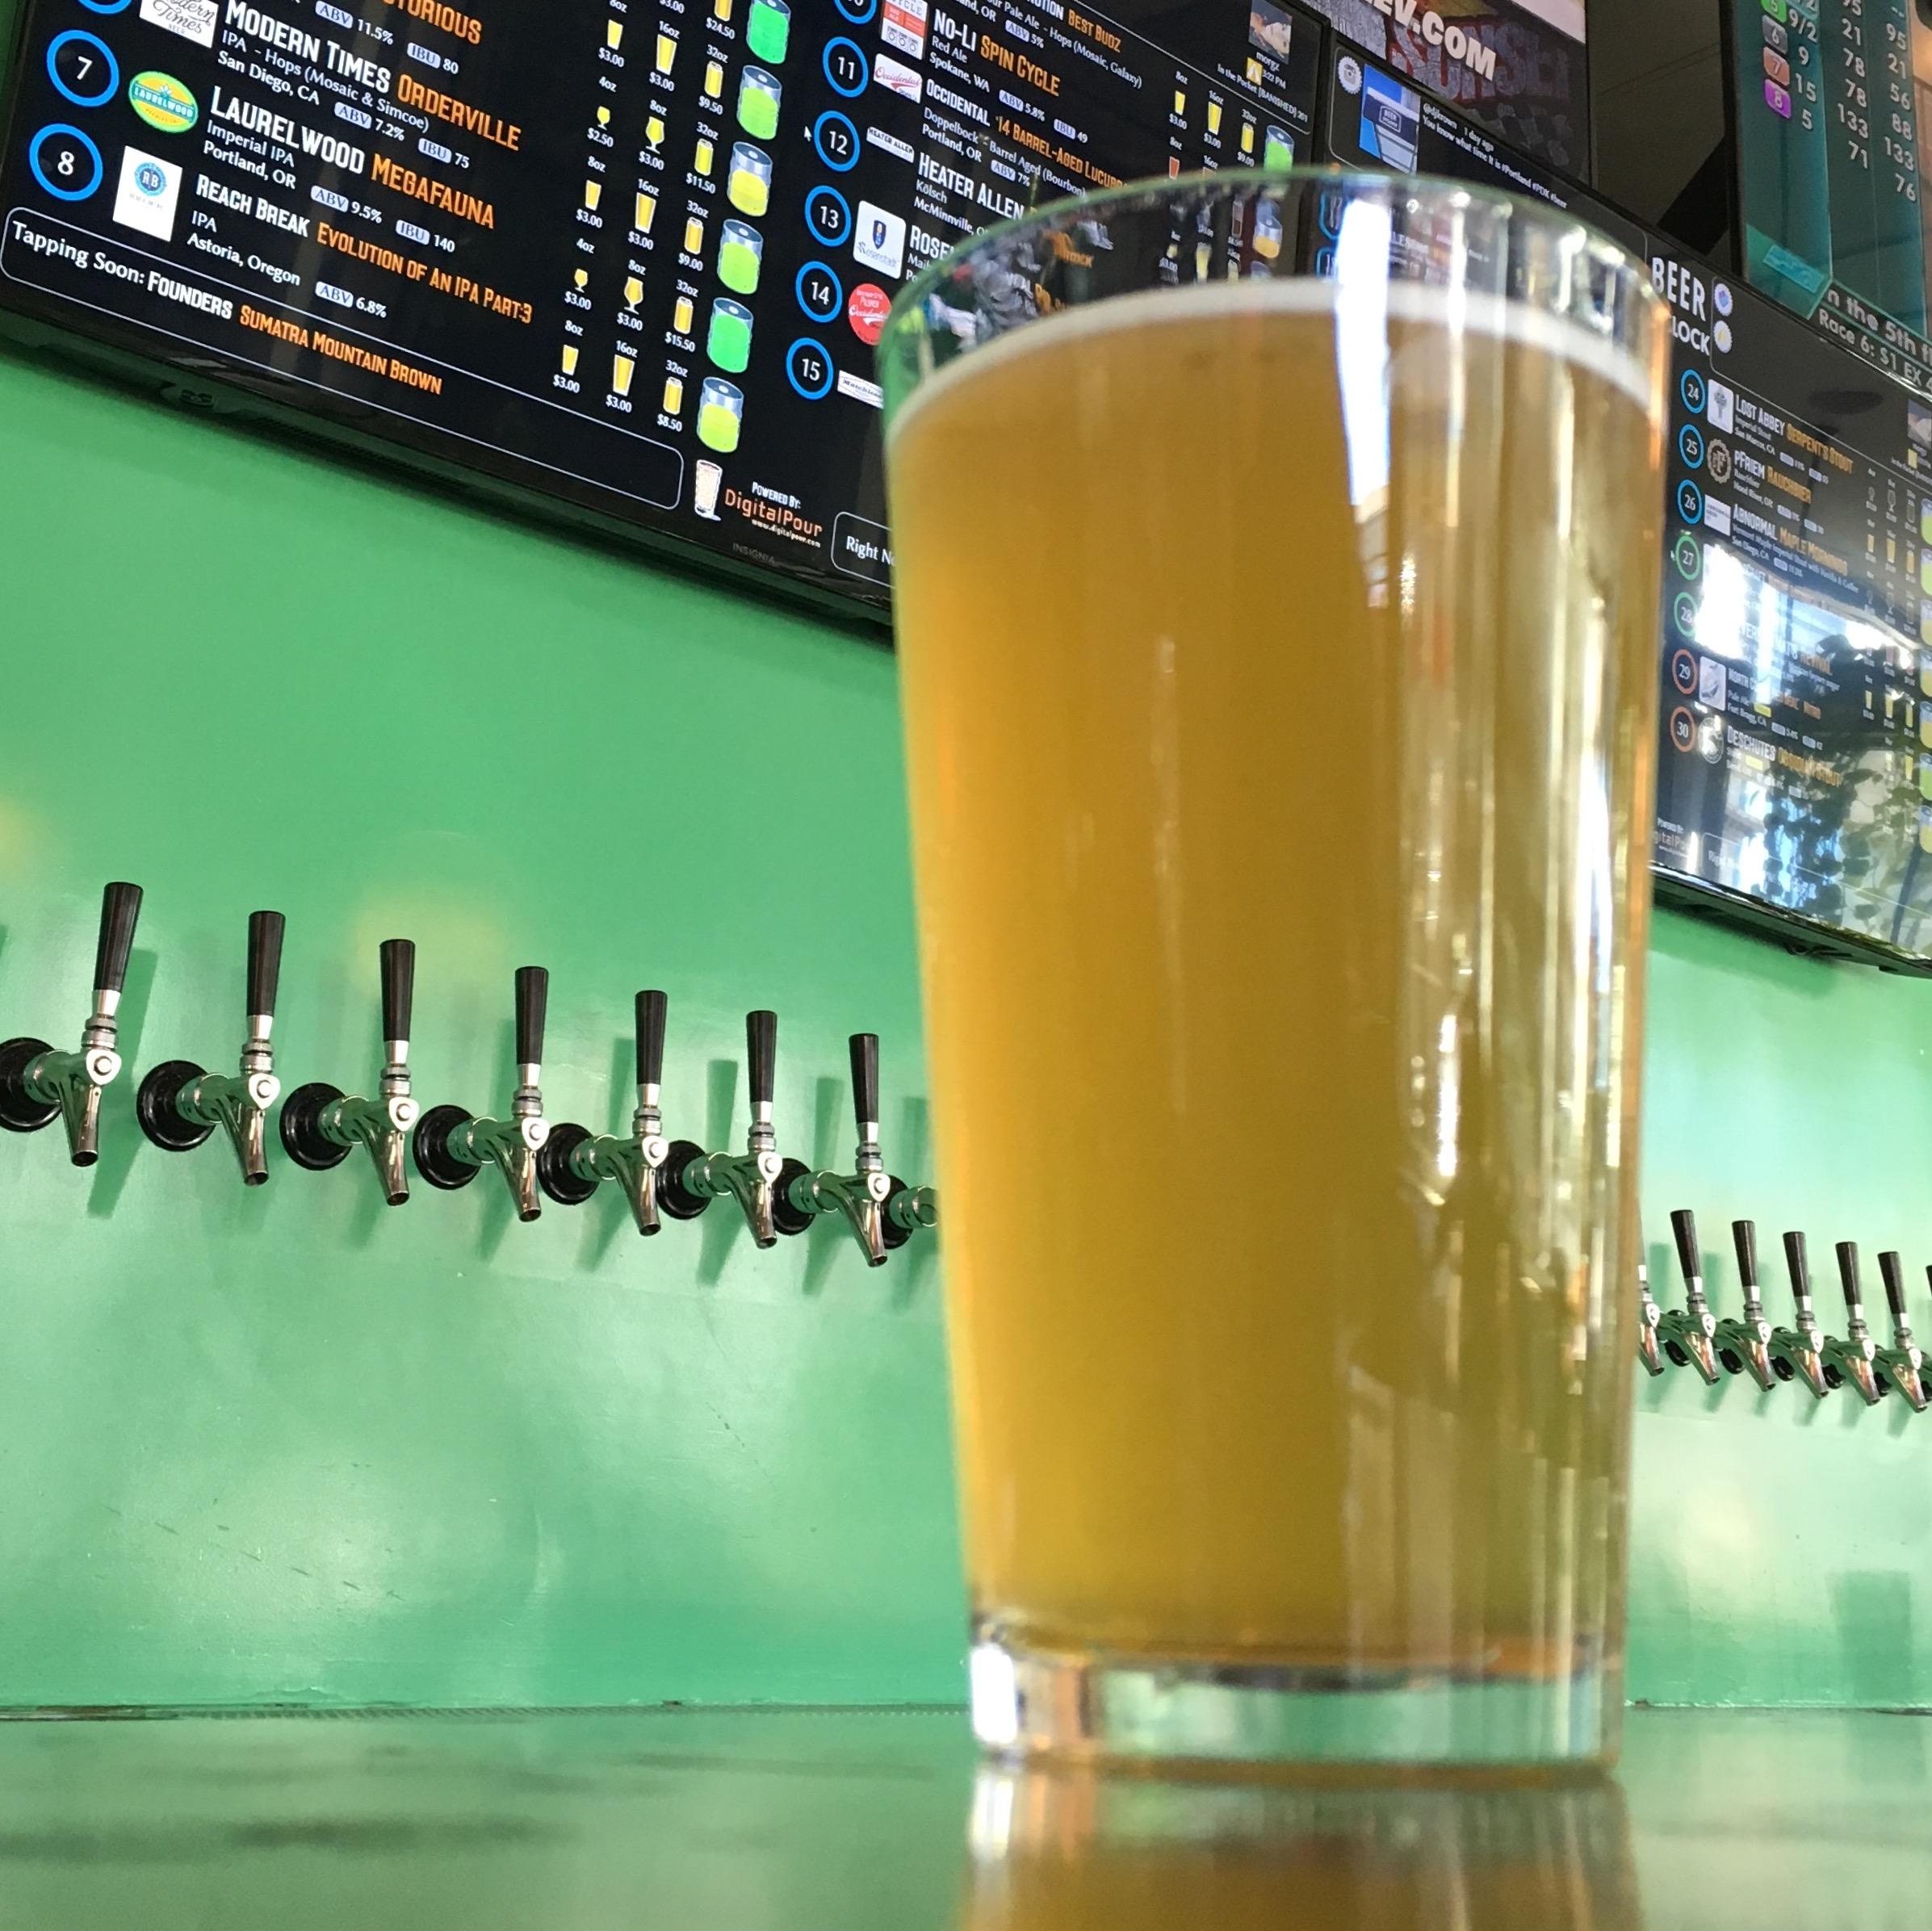 A pint of beer at Beer O'Clock.